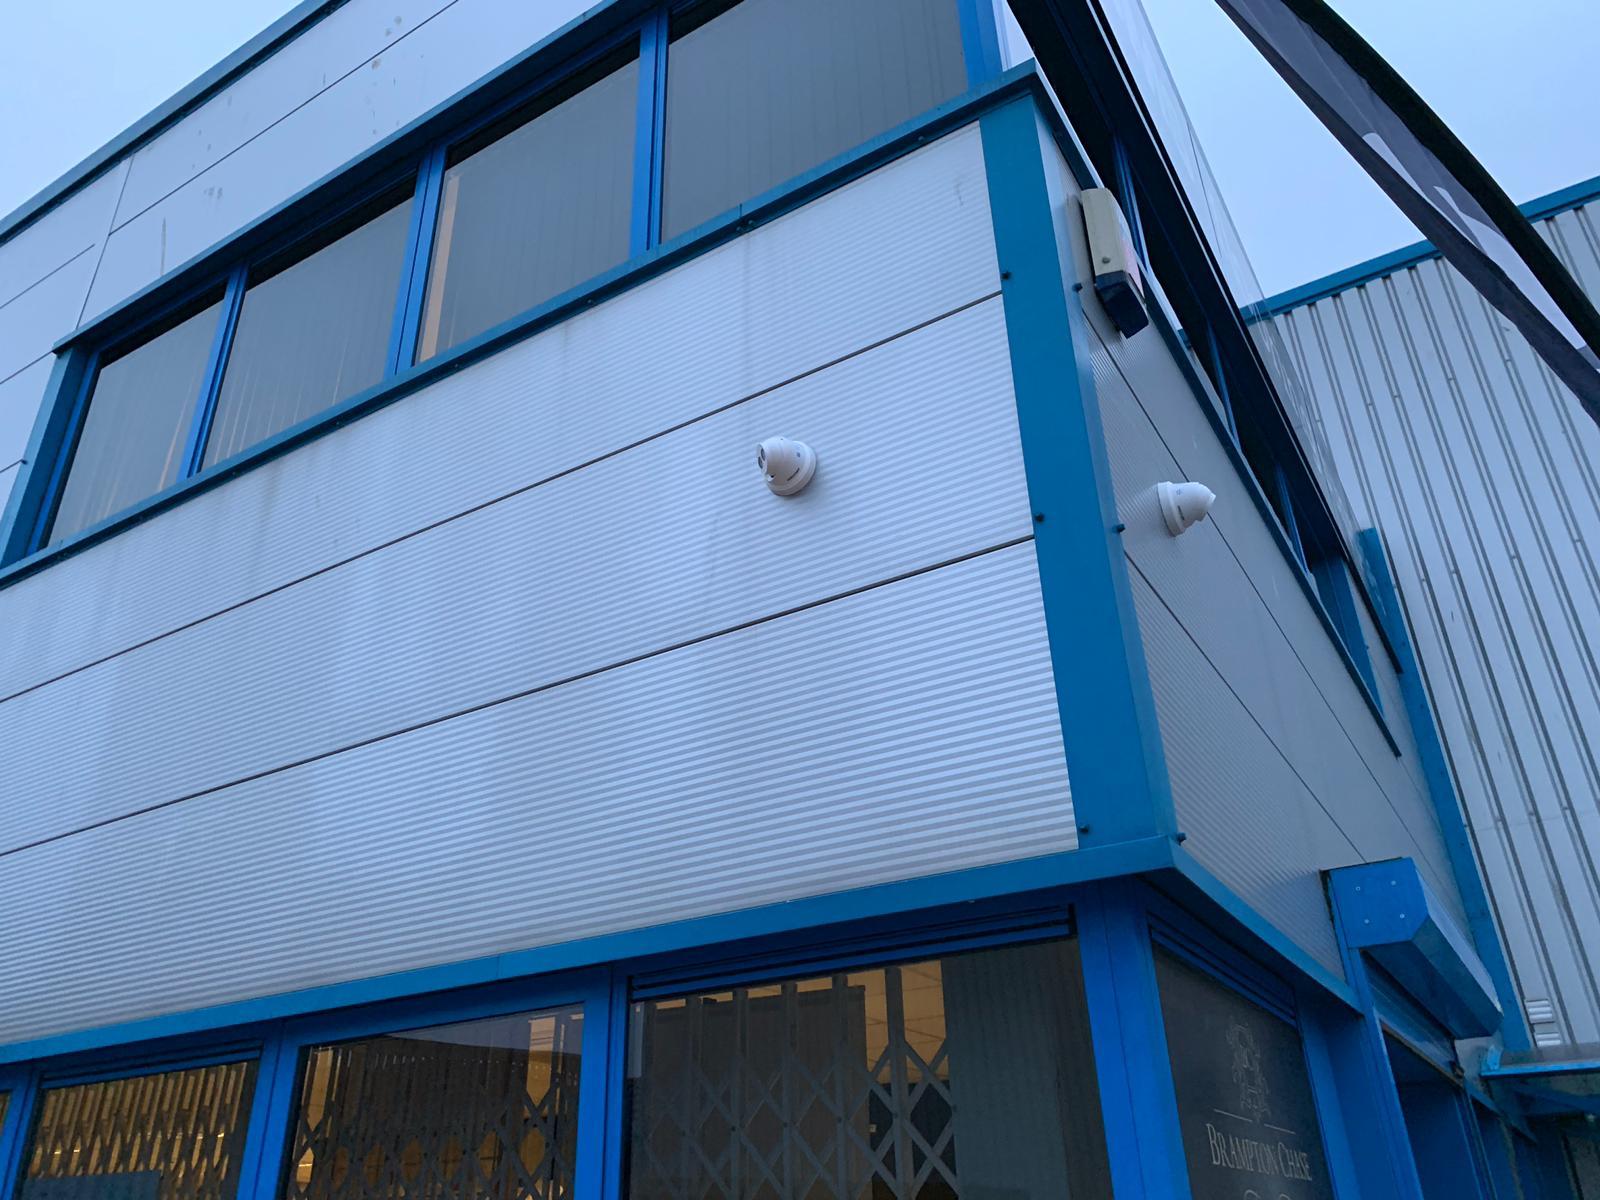 CCTV milton keynes